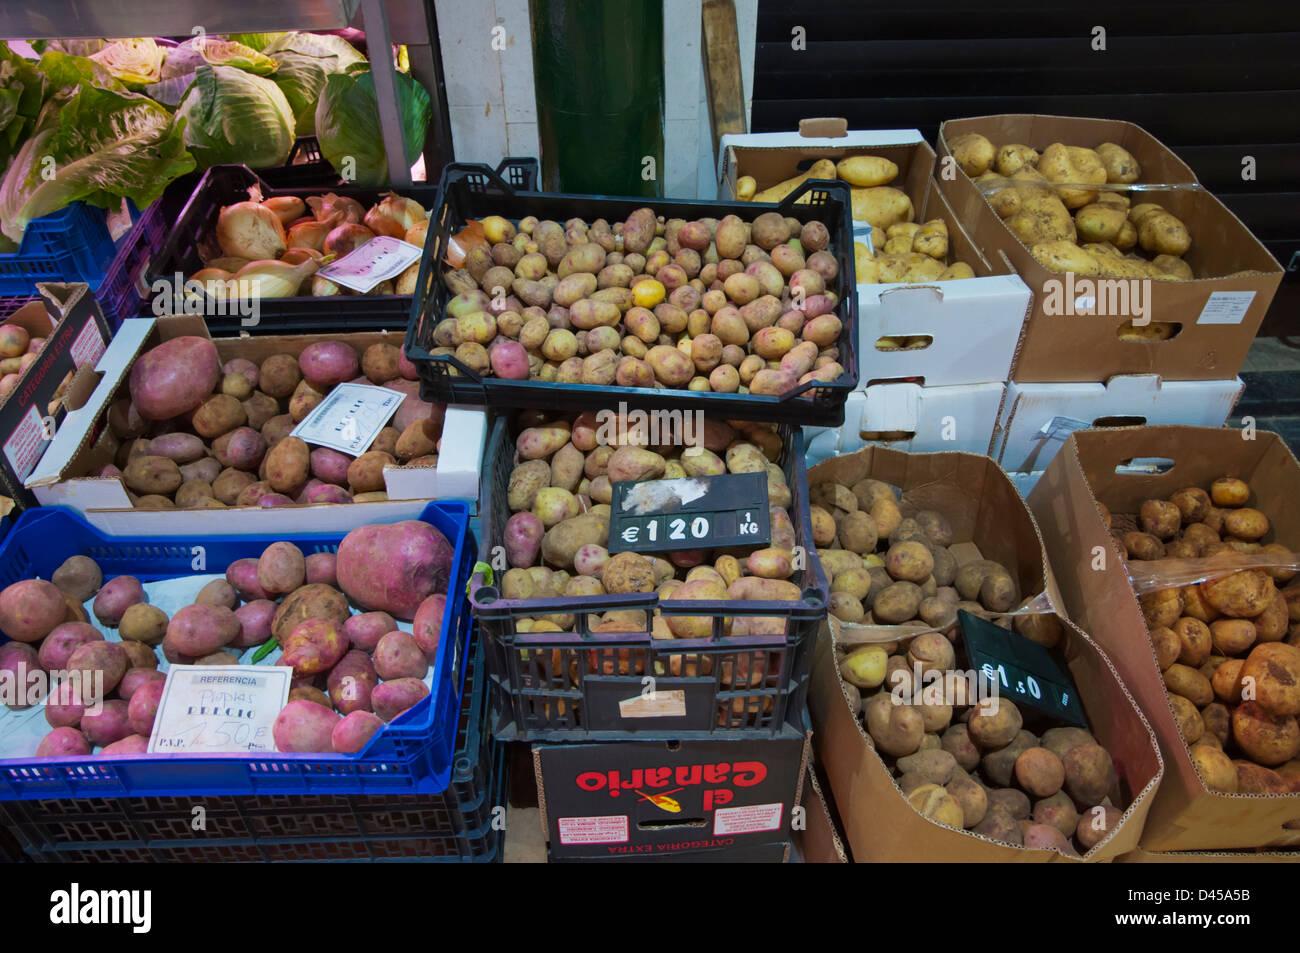 Potatoes in Mercado del Puerto market hall Santa Catalina district Las Palmas city Gran Canaria island the Canary - Stock Image